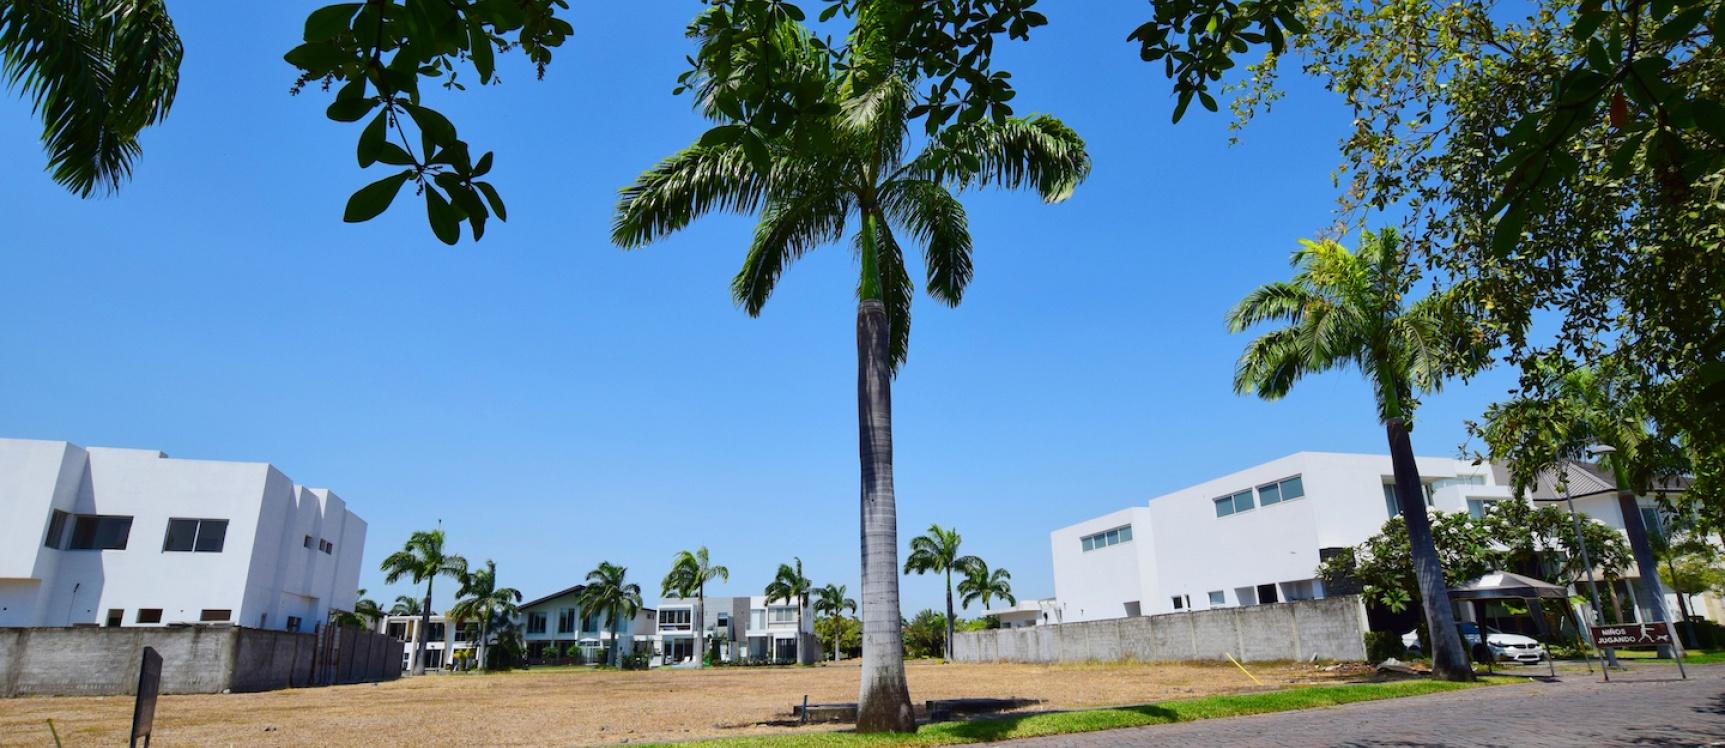 GeoBienes - Terreno en venta ubicado en La Isla Mocolí, Vía Samborondón - Plusvalia Guayaquil Casas de venta y alquiler Inmobiliaria Ecuador